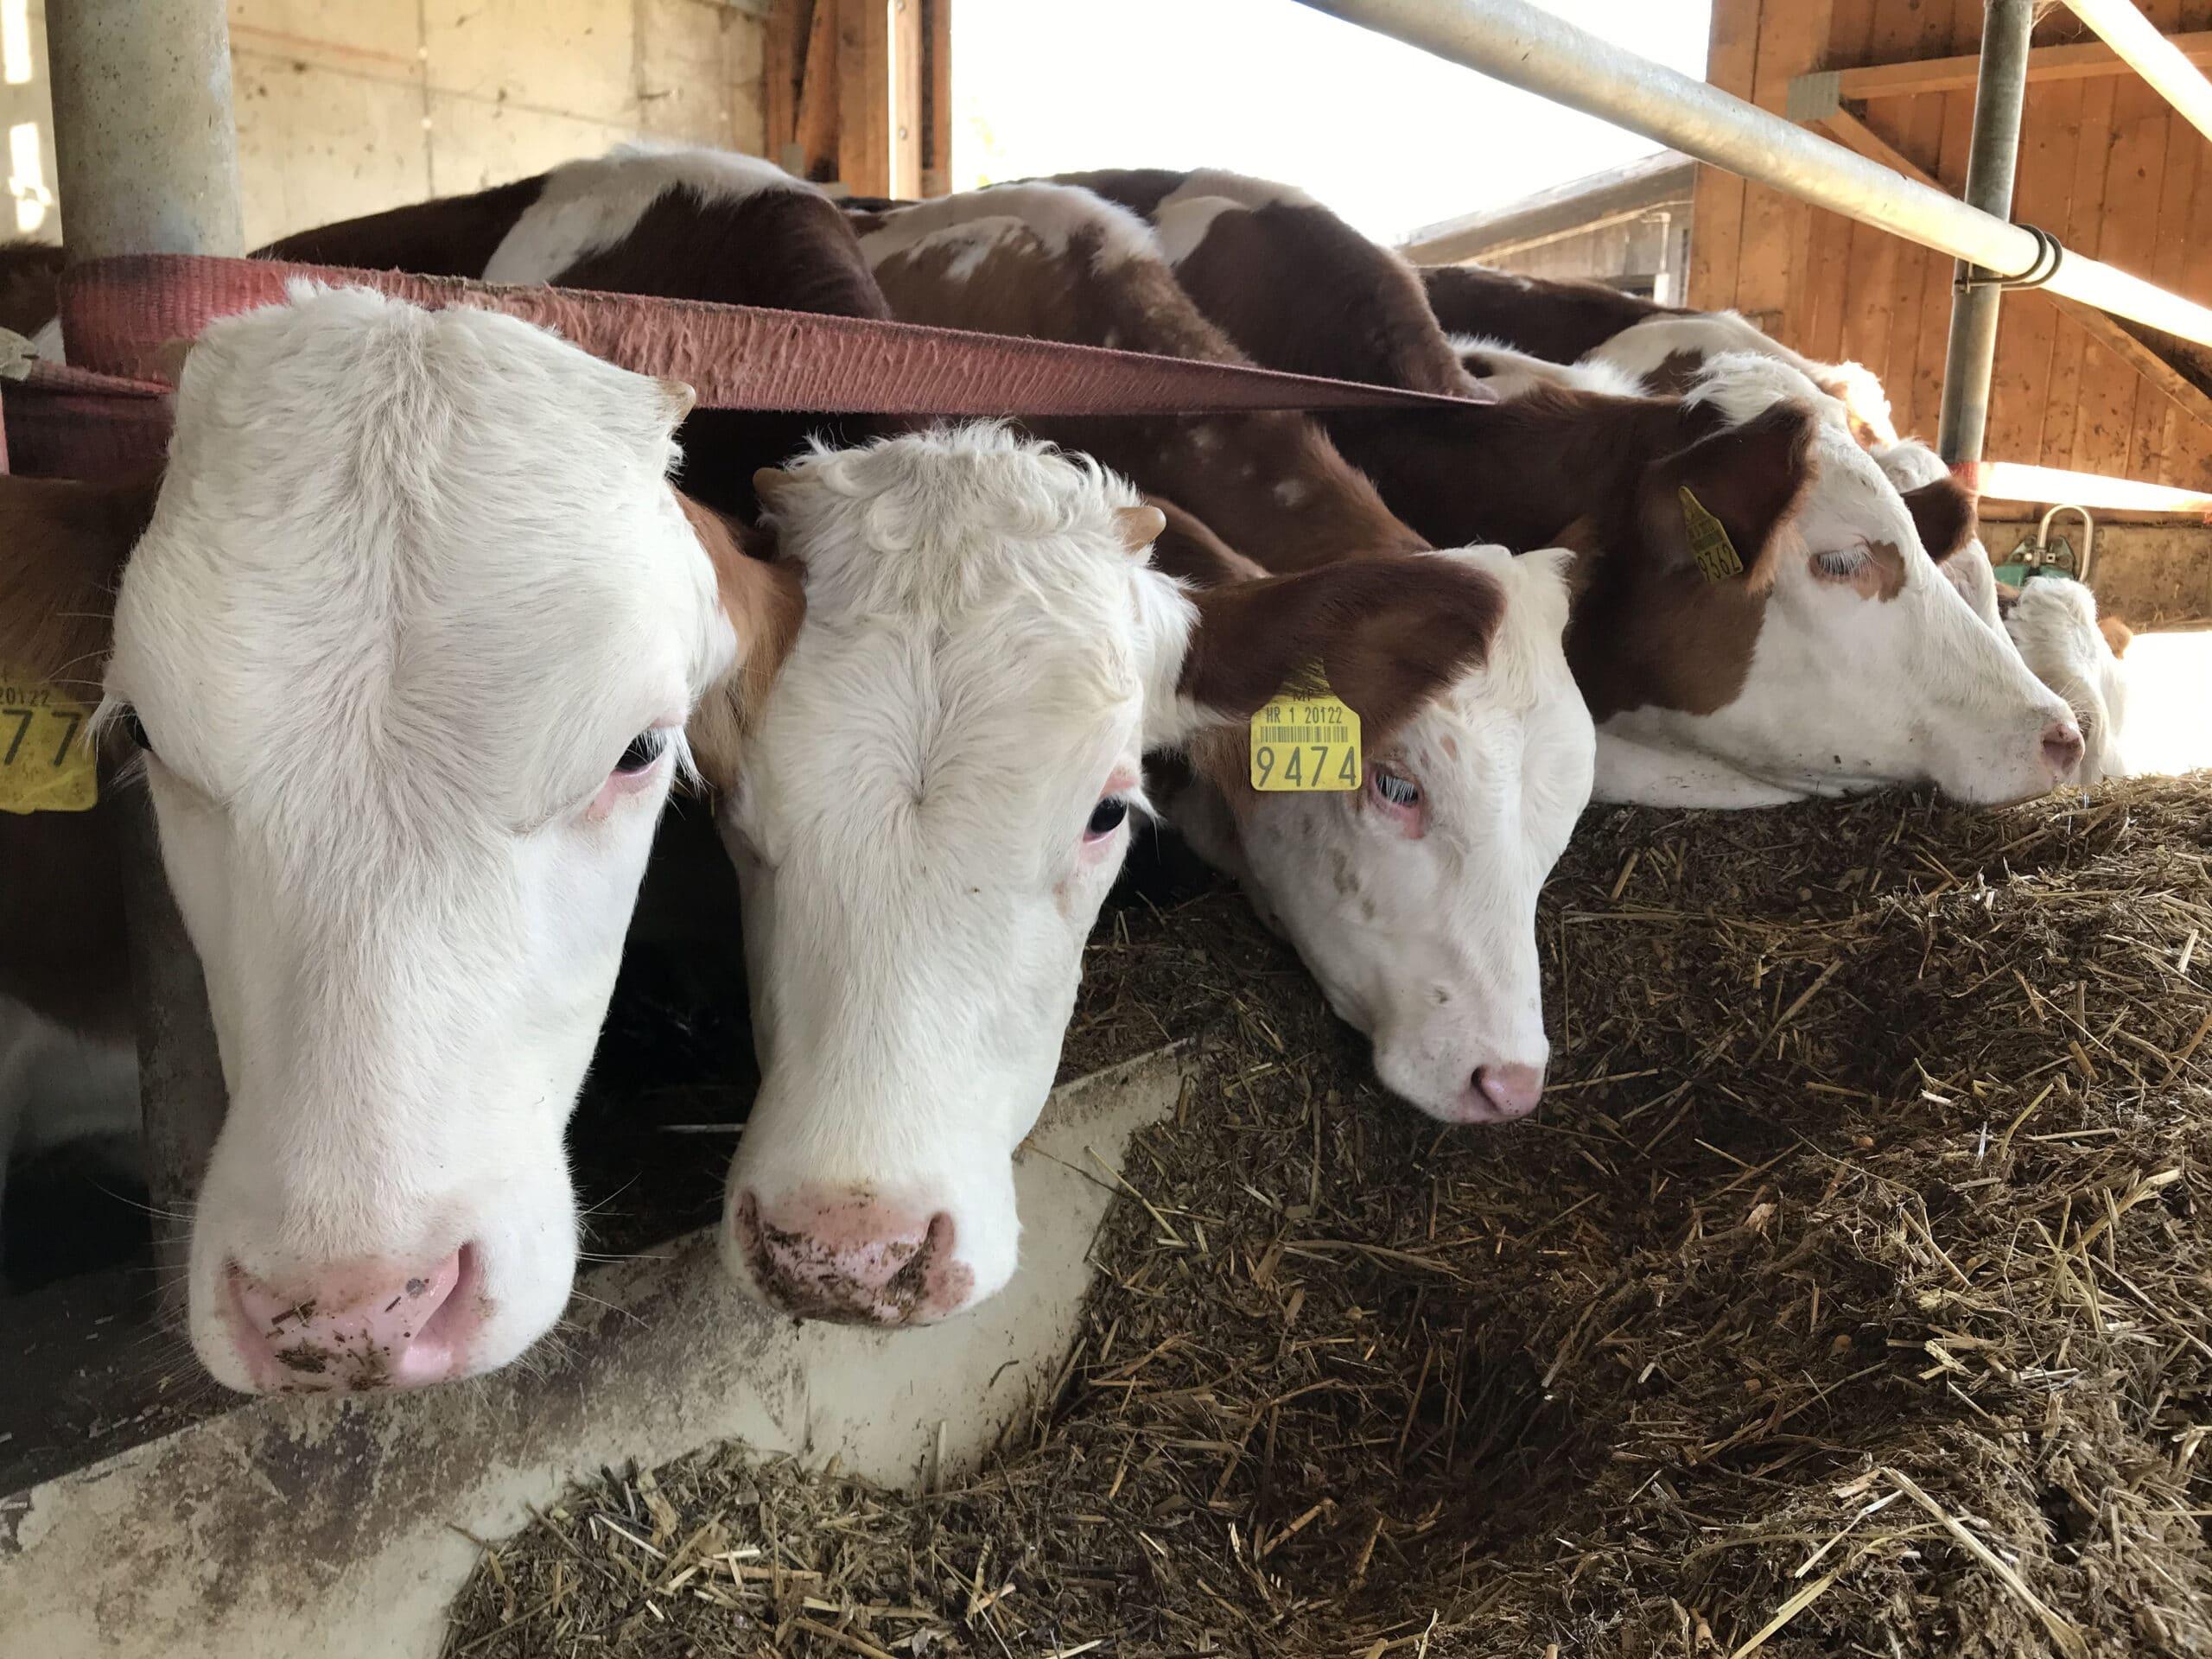 Iskustvo Hrvatske: Kako su mlekari doživeli krah i pre EU 3